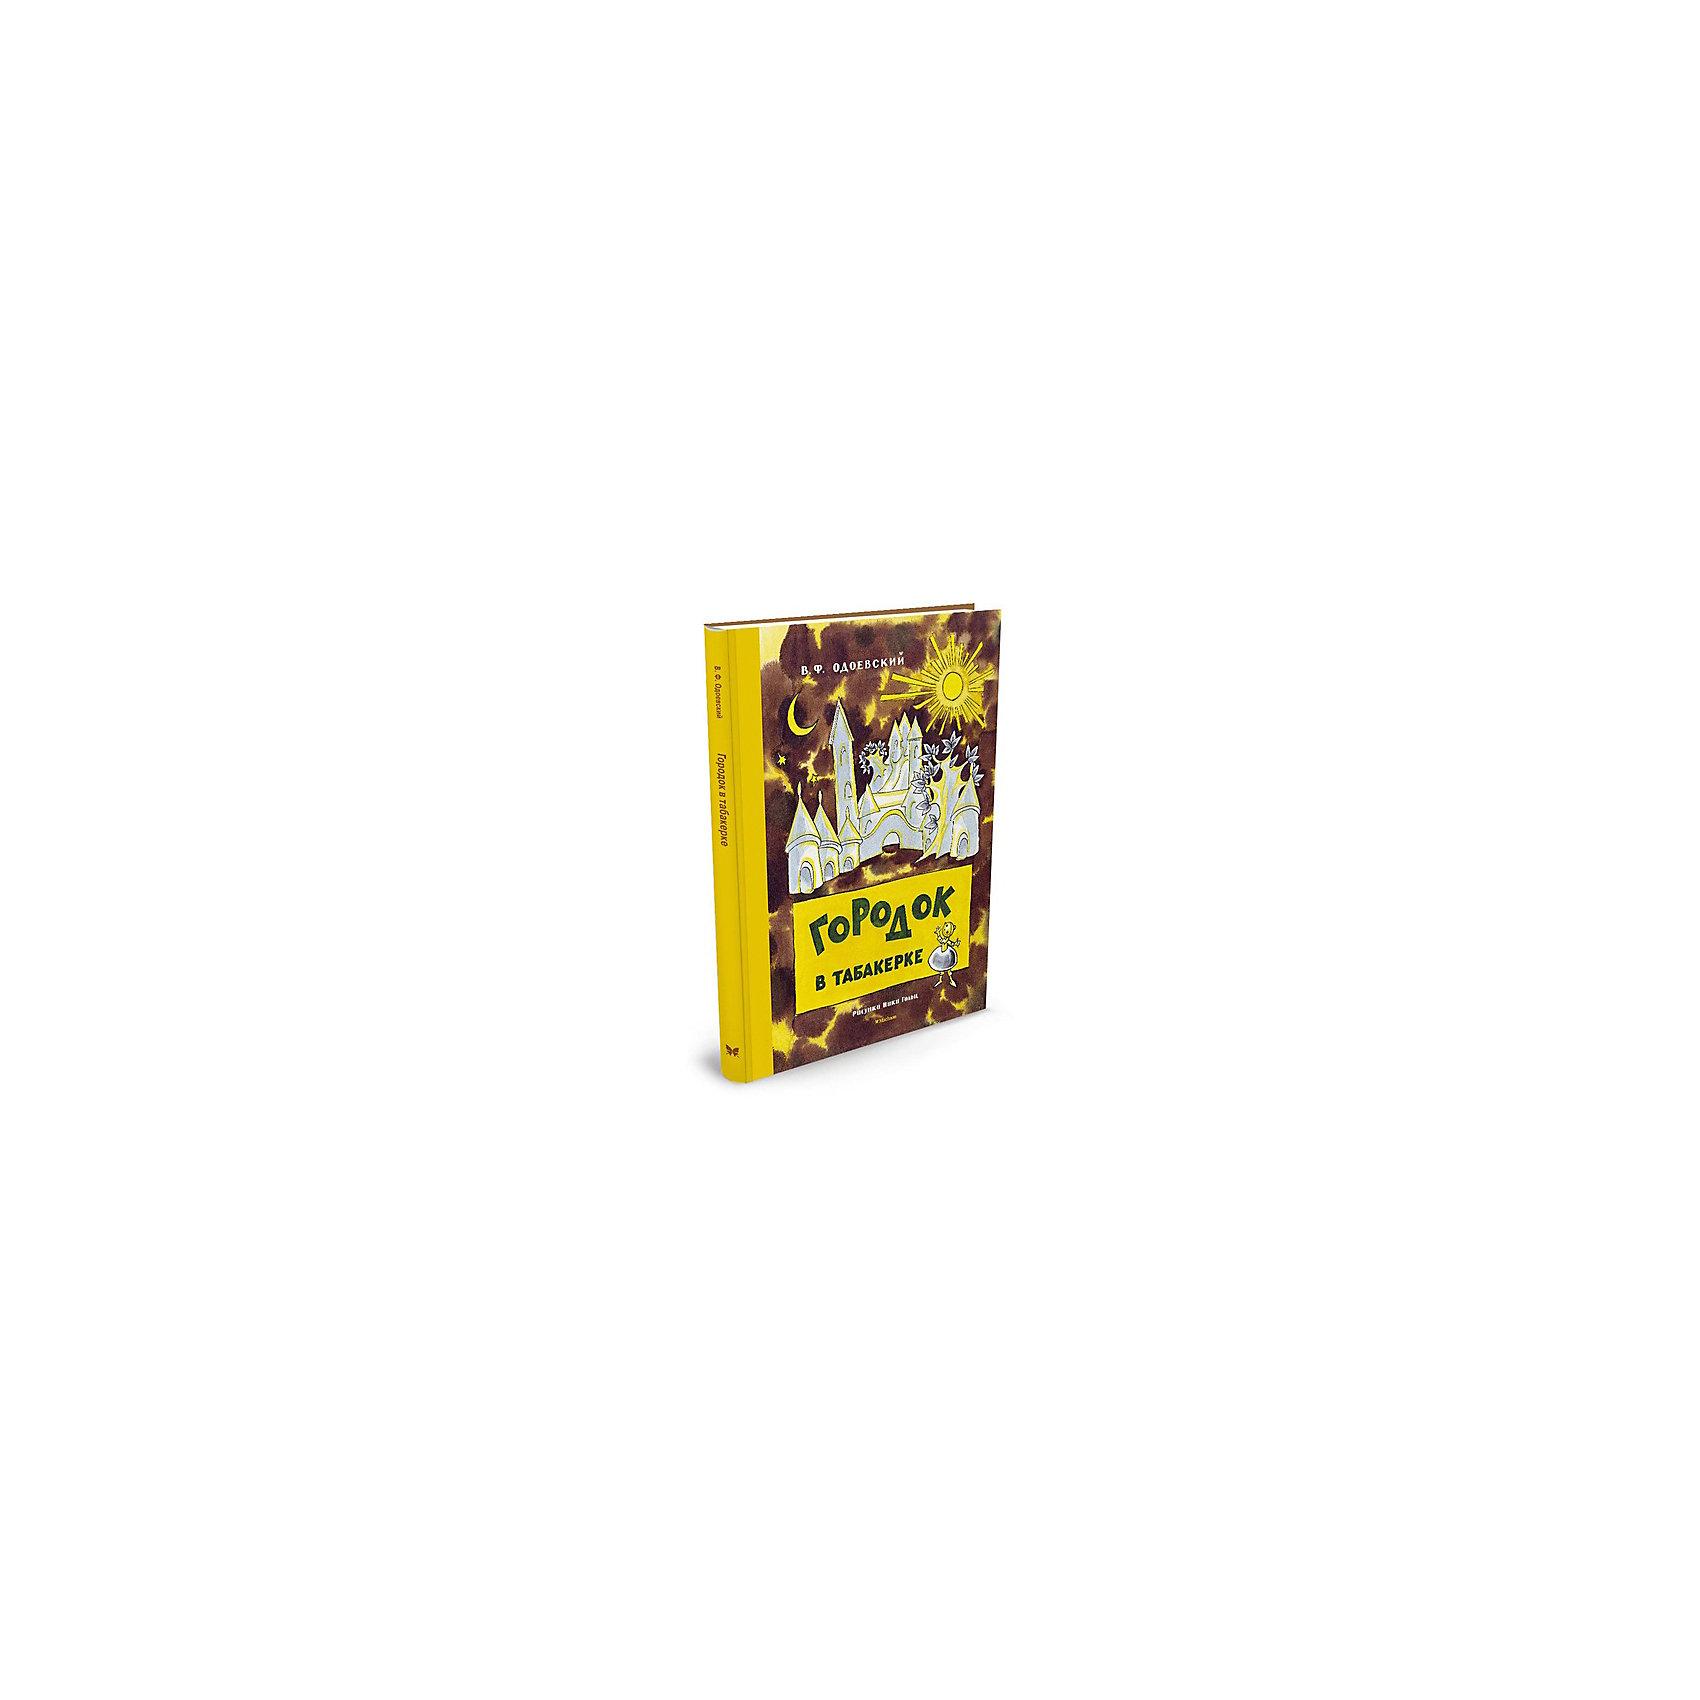 Городок в табакерке, MACHAONРусские сказки<br>Сказка Городок в табакерке.<br><br>Характеристики:<br><br>• Для детей в возрасте: от 7 до 10 лет<br>• Автор: Владимир Одоевский<br>• Иллюстратор: Ника Гольц<br>• Издательство: Азбука-Аттикус, Махаон, 2017 год<br>• Тип обложки: 7Б - твердая (плотная бумага или картон)<br>• Оформление: с тканевым корешком<br>• Иллюстрации: цветные<br>• Количество страниц: 32<br>• Размер: 262х203х7 мм.<br>• Вес: 313 гр.<br>• ISBN: 9785389122963<br><br>Владимир Фёдорович Одоевский – талантливый русский писатель и мыслитель, он создал совершенно новую авторскую сказку, сочетающую в себе и волшебство, и знания об устройстве реального мира. В сказке «Городок в табакерке» отразилось всё многообразие и разносторонность интересов её автора. Прекрасный сказочник, он был ещё и великолепным мастером, который мог сконструировать такие сложные музыкальные инструменты, как орган и клавесин. Если он чем-то увлекался, то доходил до самой сути. Может, поэтому, читая его удивительную сказку, очень зримо представляешь и устройство механизма, описанного в книге, и необыкновенные превращения, которые происходят с героем повествования. Иллюстратор книги Ника Георгиевна Гольц – непревзойдённый мастер книжной иллюстрации, заслуженный художник России, обладатель Почётного диплома Международной премии по детской литературе имени Х.К. Андерсена – почувствовала и передала в своих нежных иллюстрациях настроение и особую атмосферу сказки «Городок в табакерке».<br><br>Книгу Сказка Городок в табакерке можно купить в нашем интернет-магазине.<br><br>Ширина мм: 262<br>Глубина мм: 203<br>Высота мм: 70<br>Вес г: 313<br>Возраст от месяцев: 84<br>Возраст до месяцев: 120<br>Пол: Унисекс<br>Возраст: Детский<br>SKU: 5493444